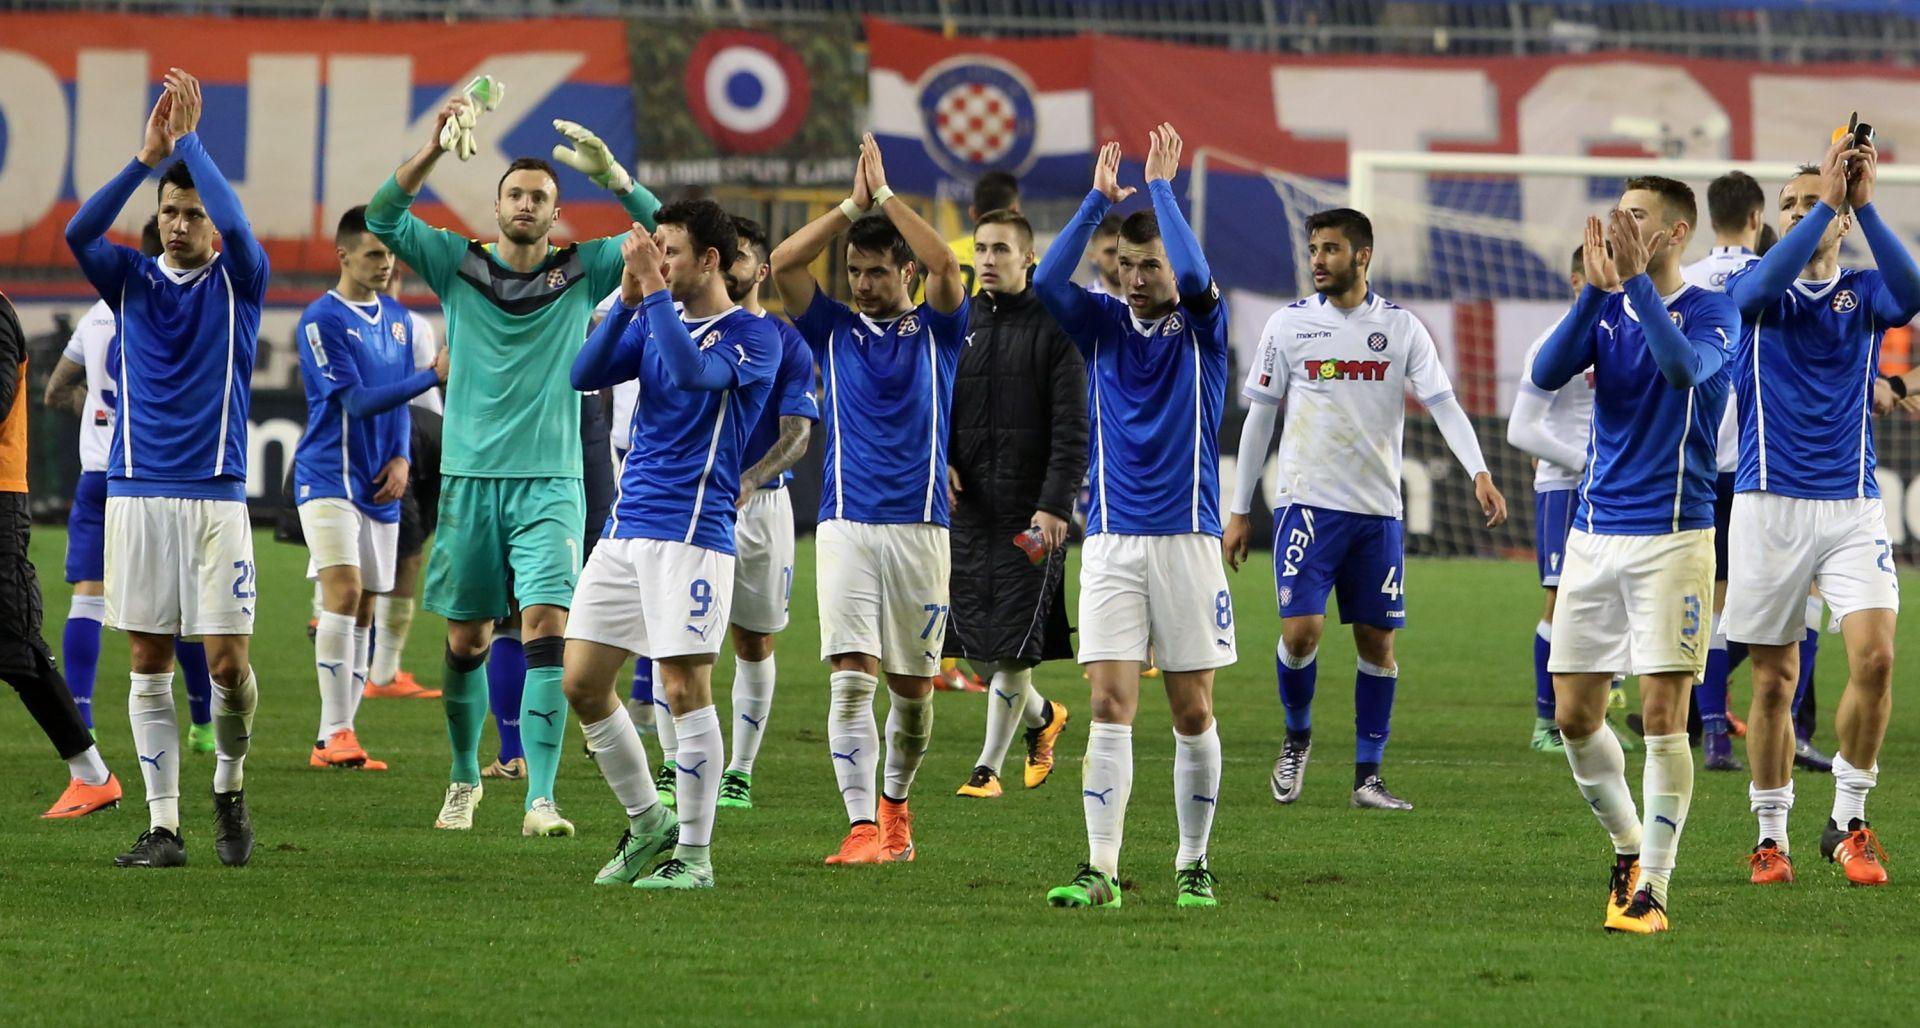 OZLJEDA U 62. MINUTI: Pjaci puklo rame, Burić: Ispričavam se navijačima Hajduka